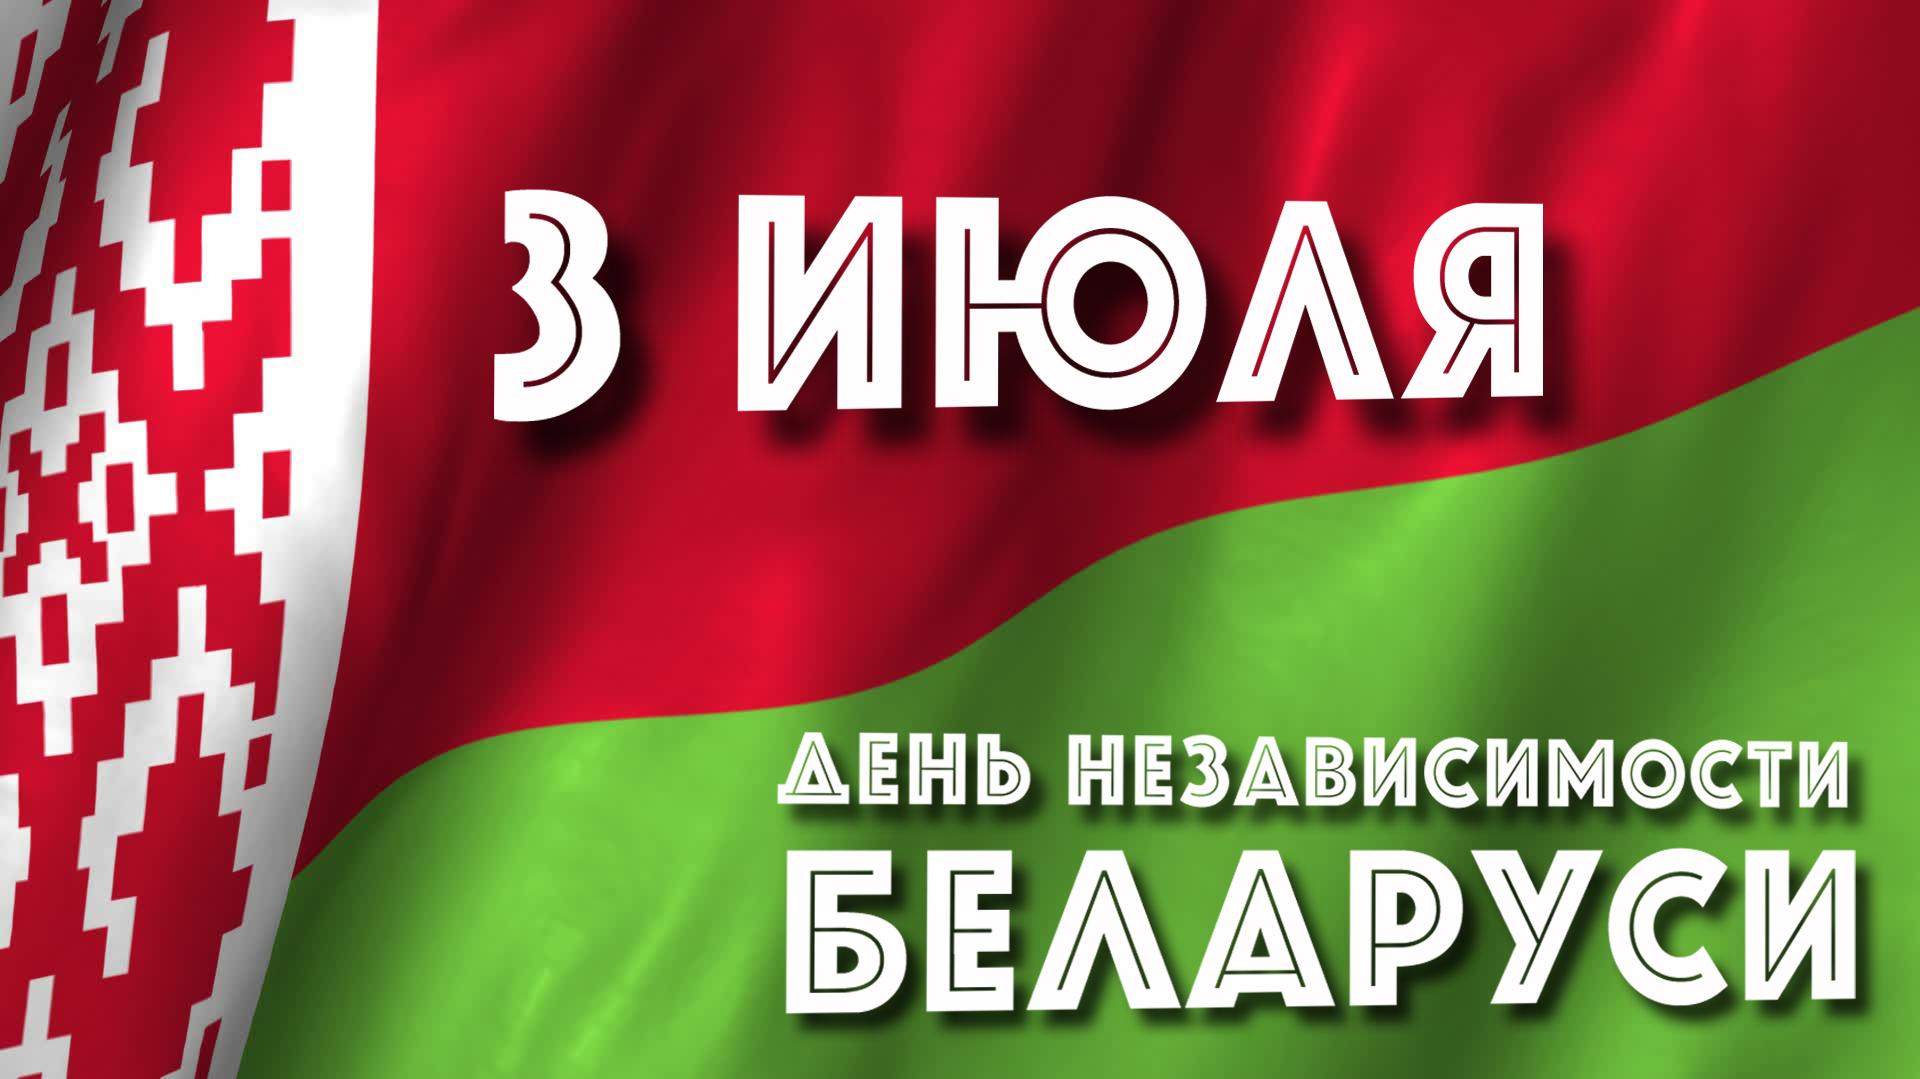 3 июля Беларусь будет отмечать День Независимости.